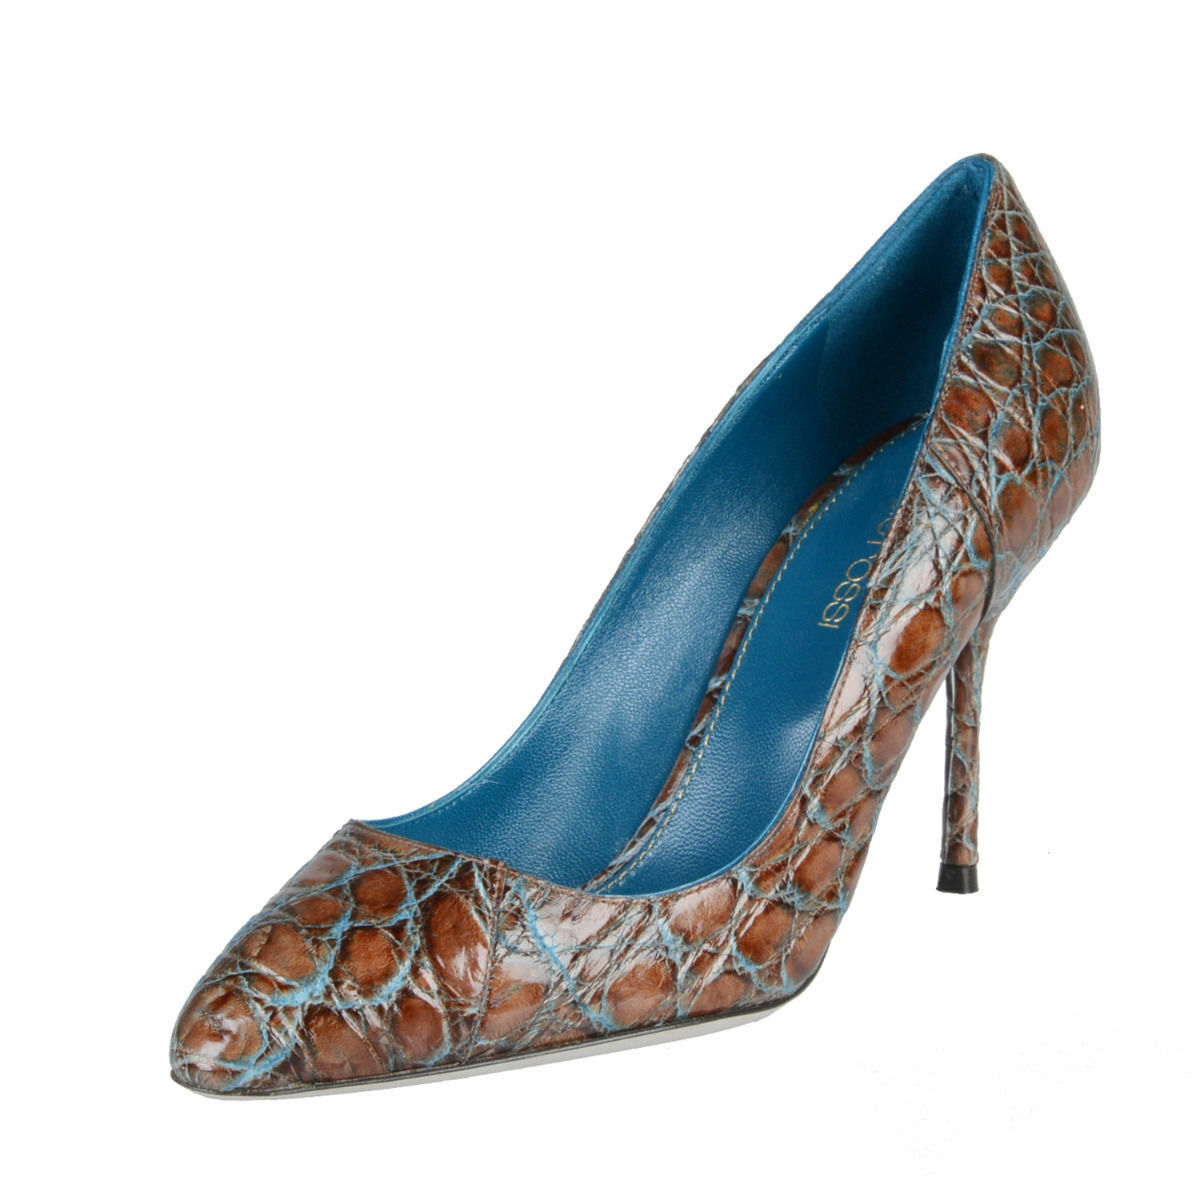 Sergio Rossi Women's Croc Skin High Heel Pumps shoes 5 5.5 6.5